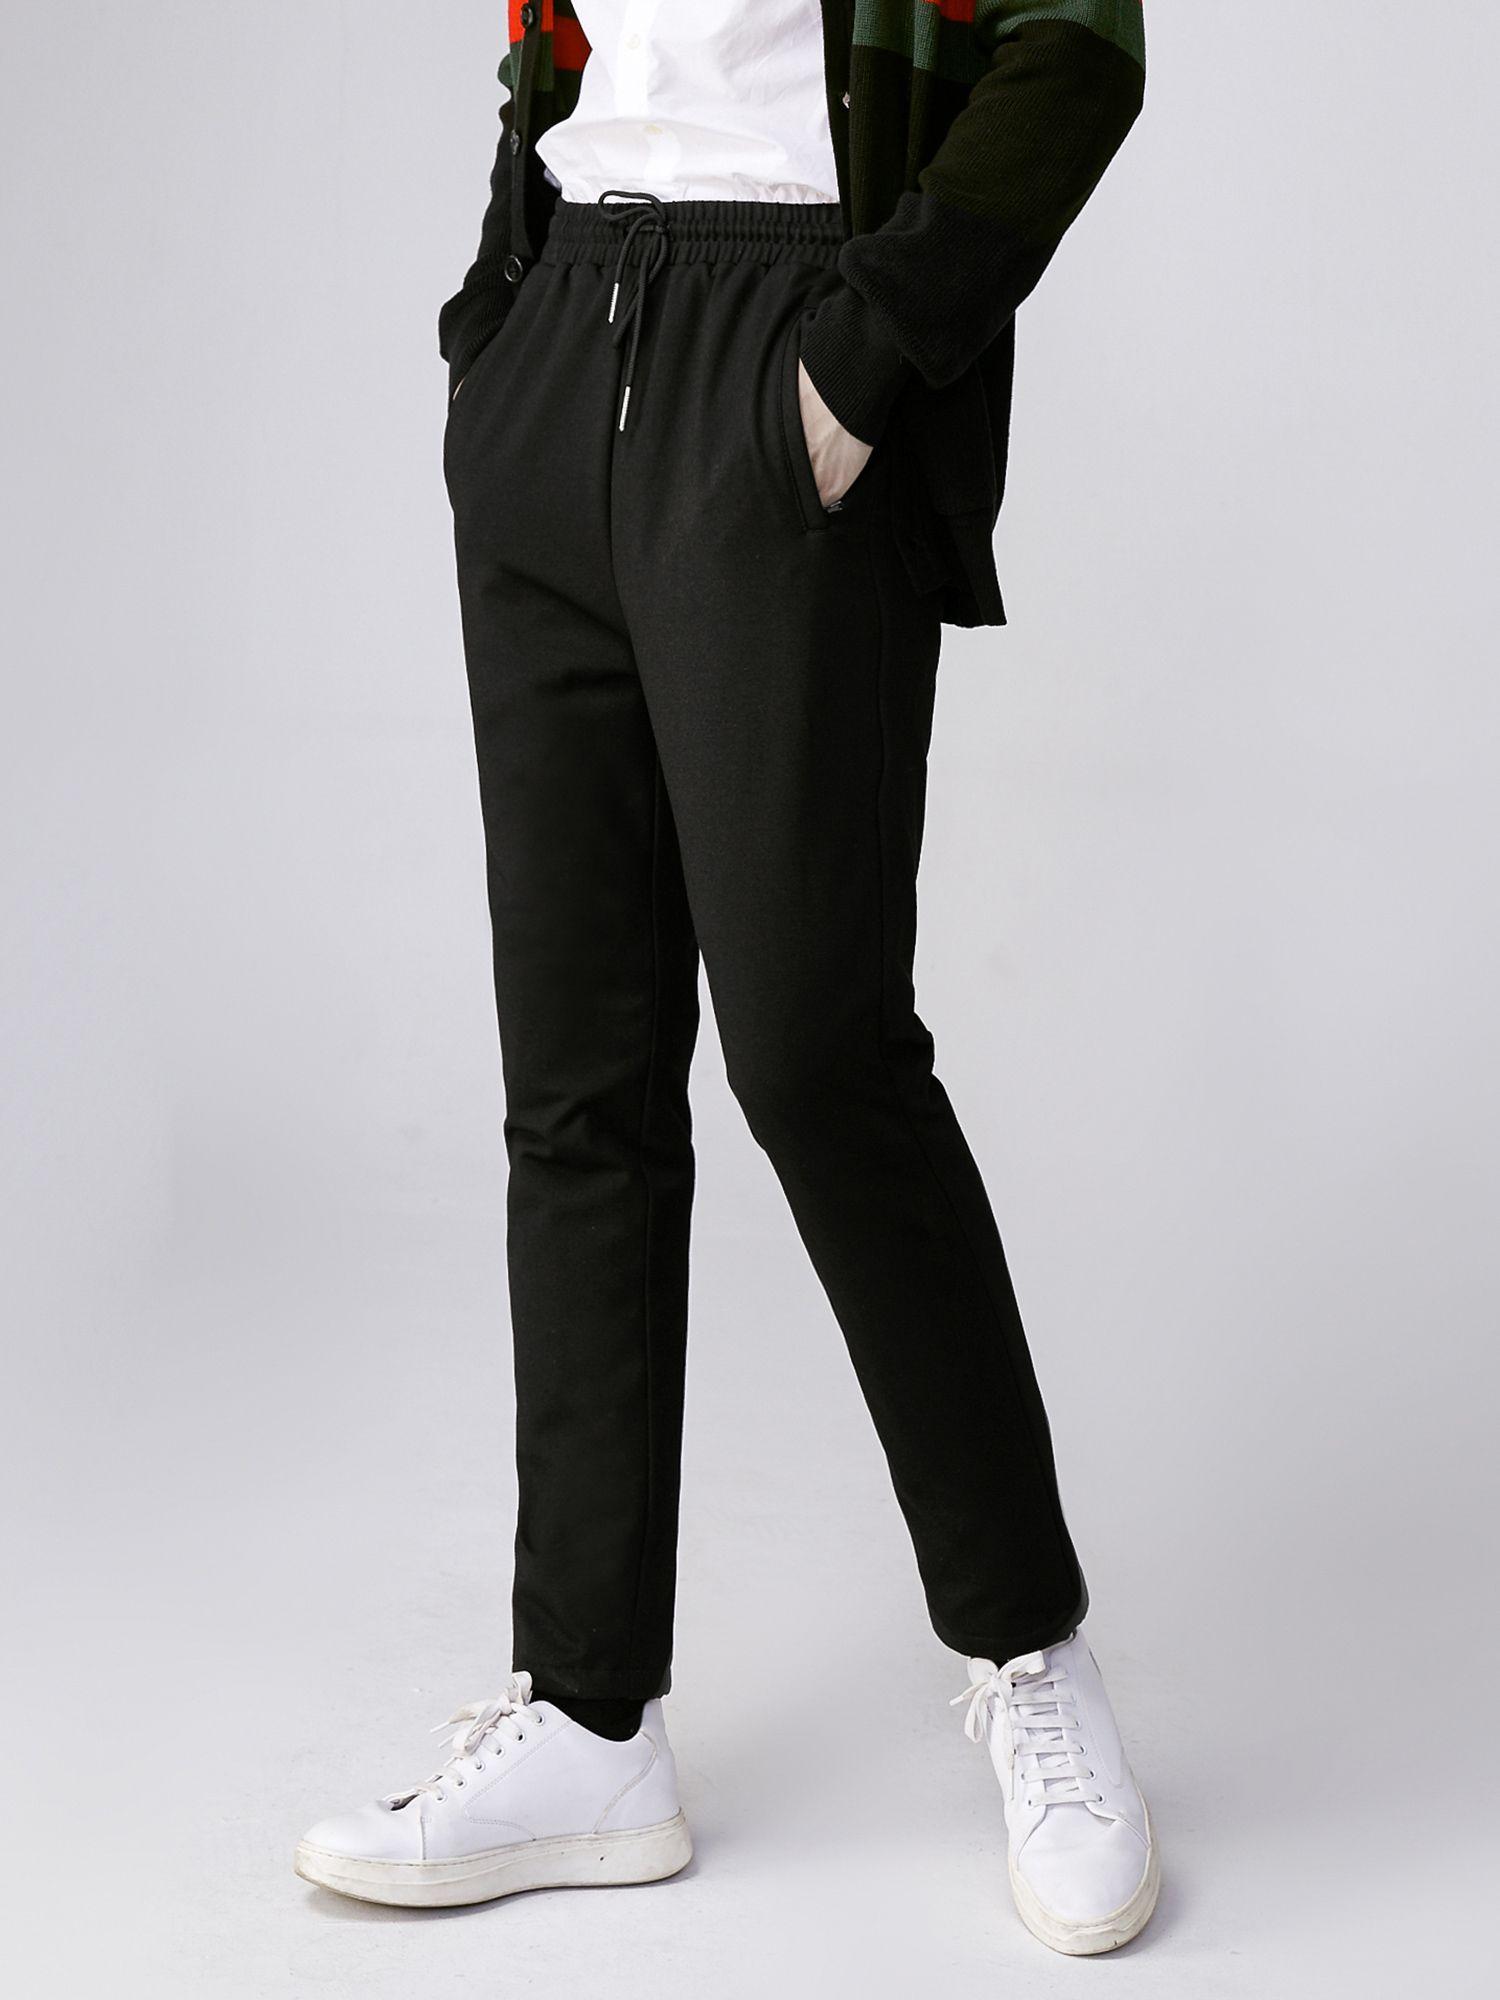 男款直筒羽绒裤